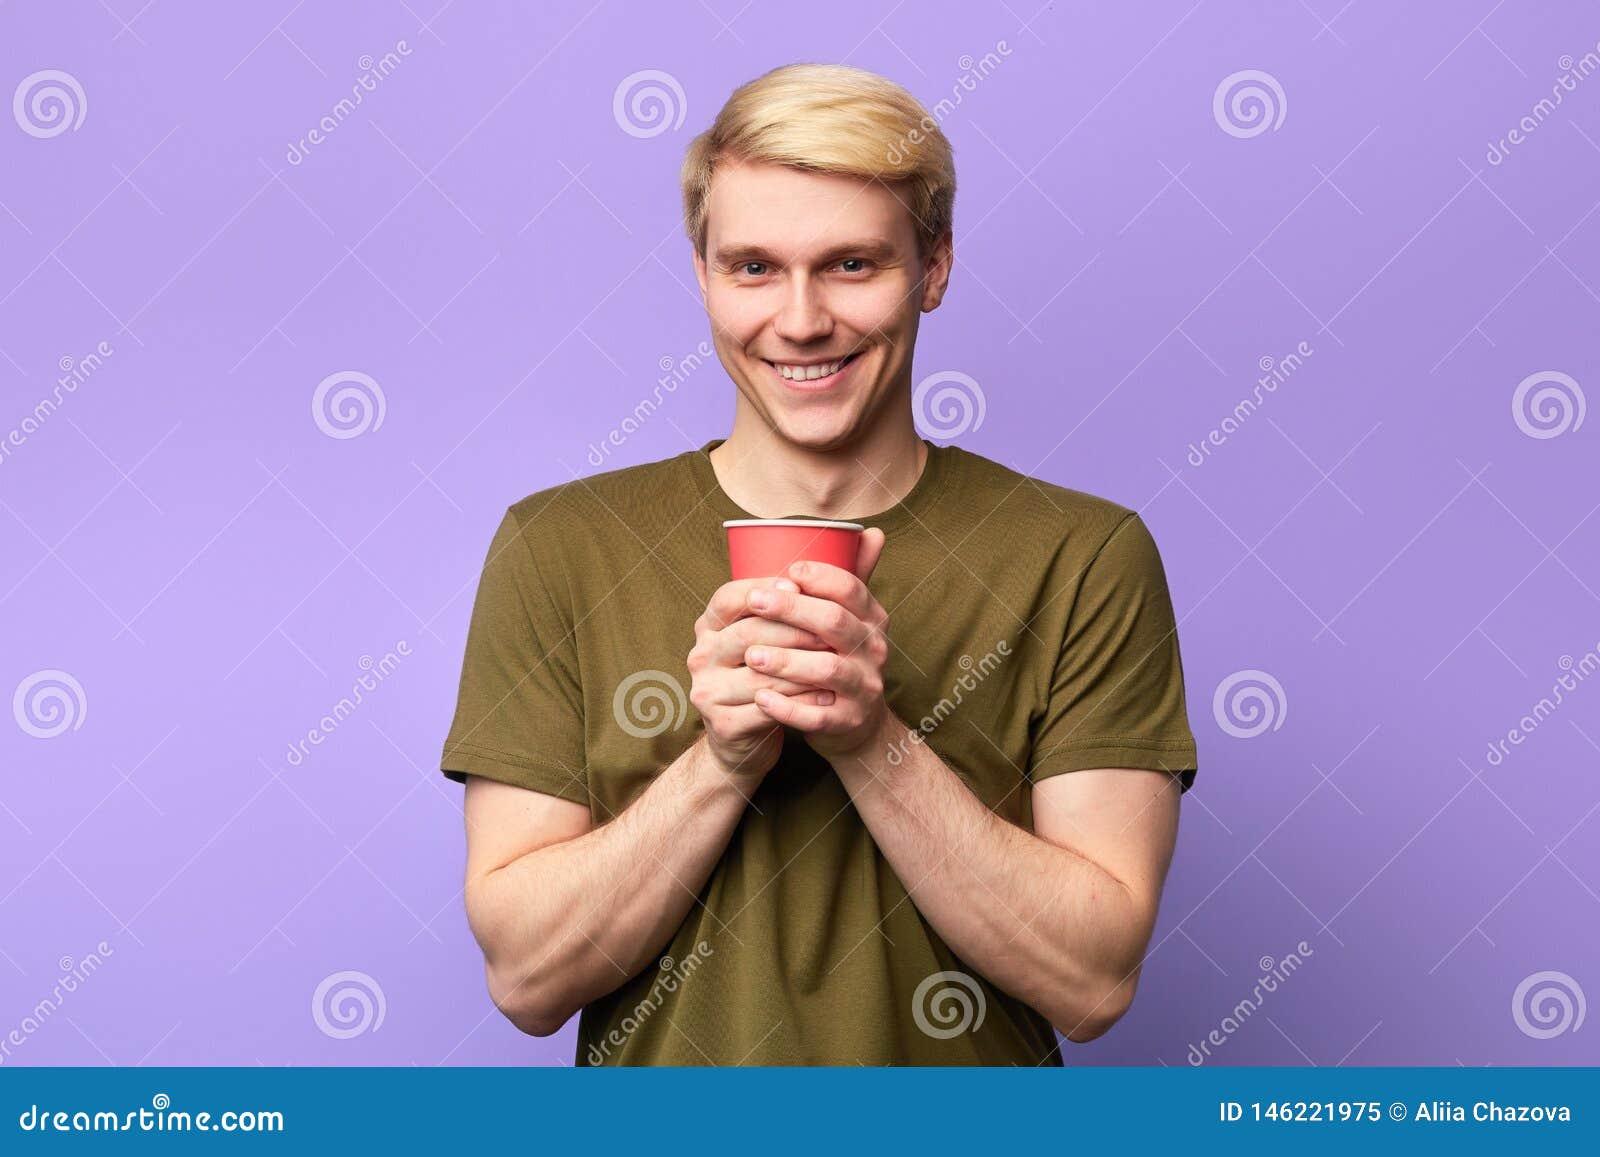 看照相机和拿着塑料杯子的正面愉快的年轻帅哥